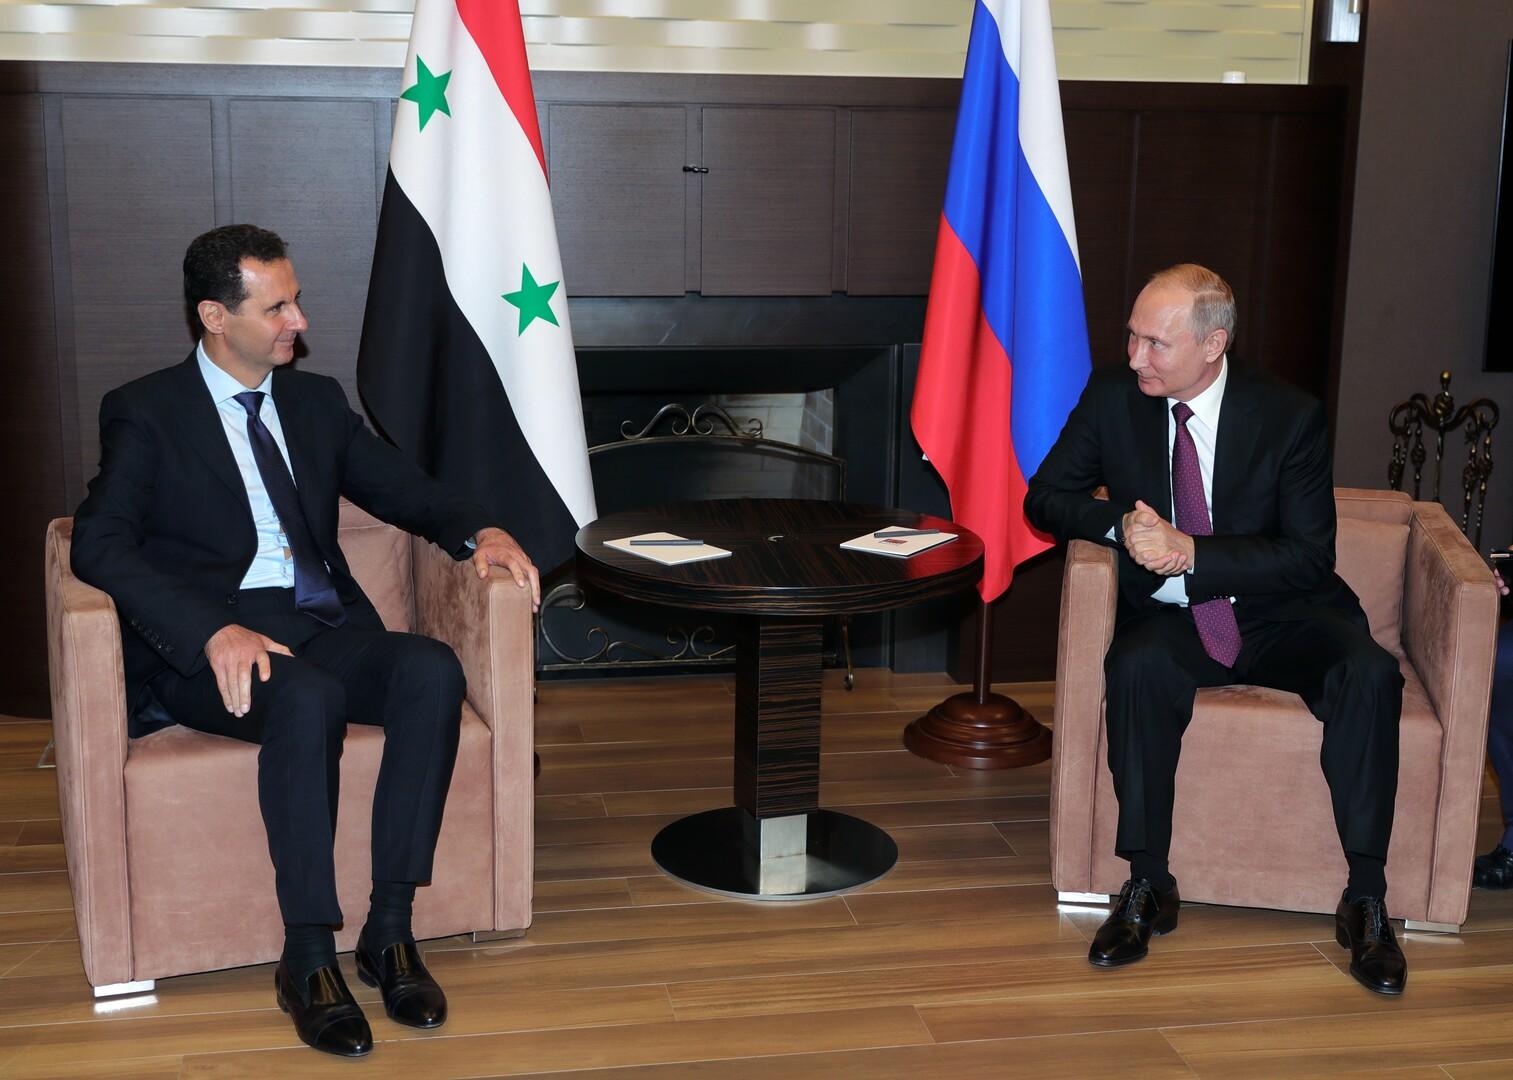 الرئيس الروسي، فلاديمير بوتين، ونظيره السوري، بشار الأسد (سوتشي، 17 مايو 2018)